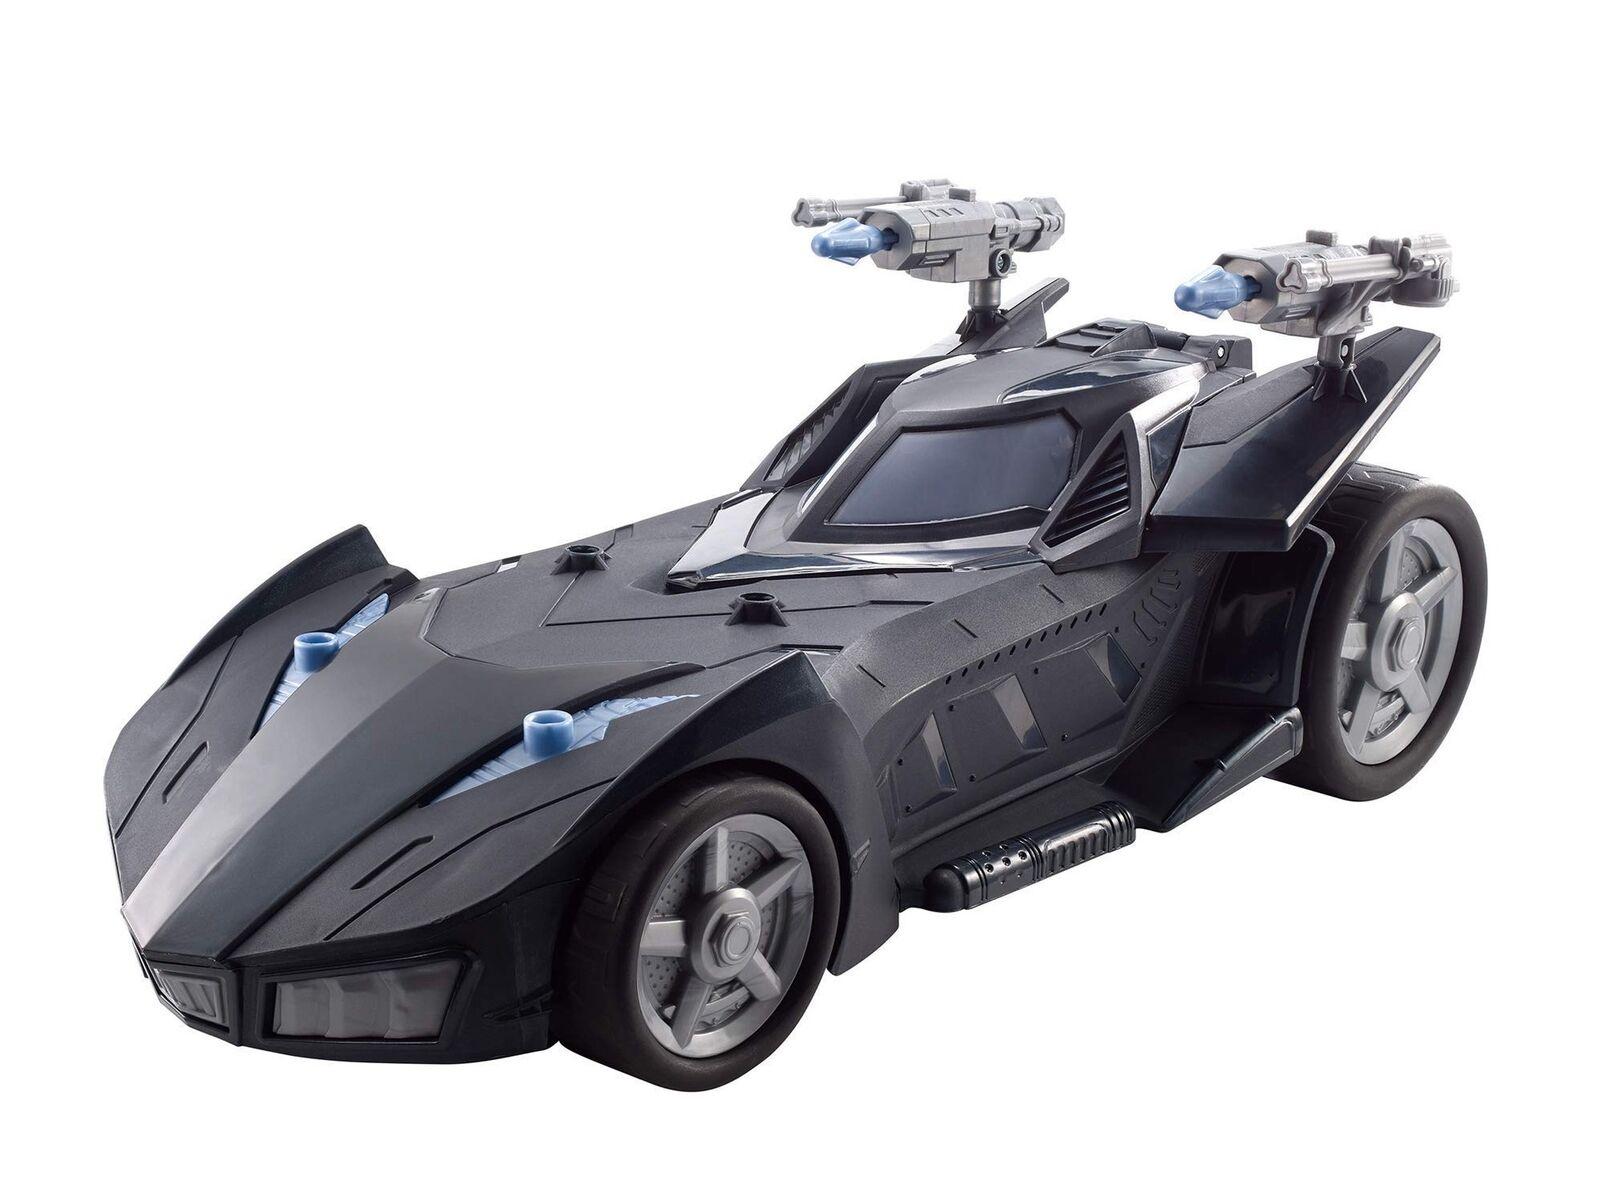 Batman fvm60 missionen raketenwerfer batmobil fahrzeug, mehrfarbige